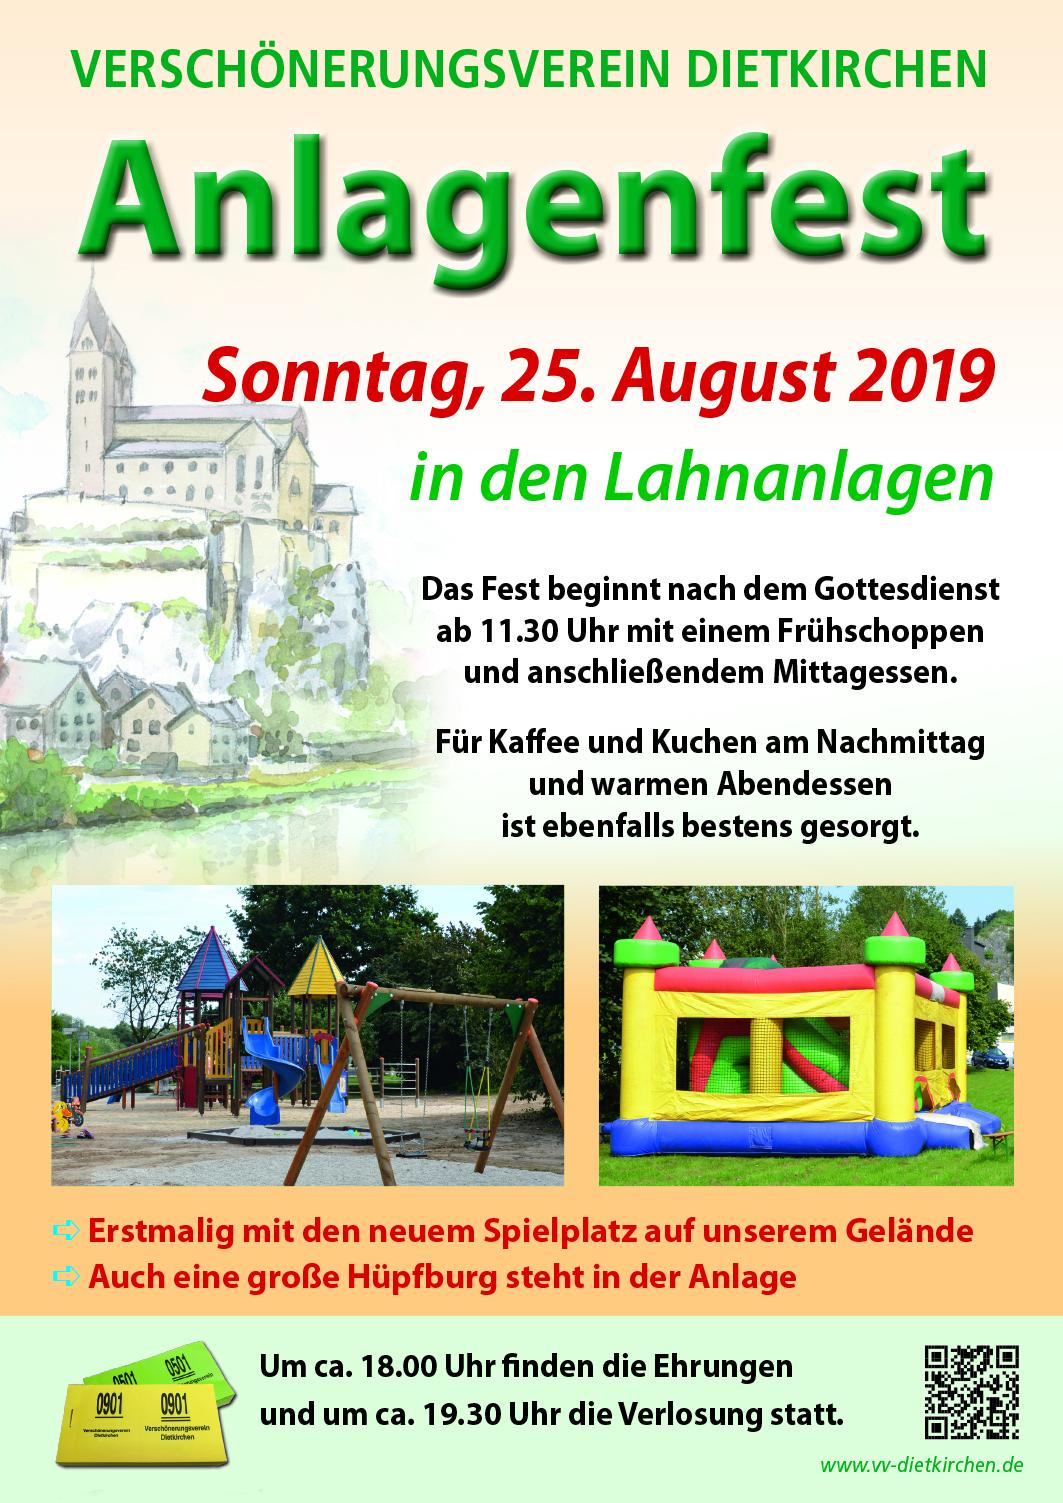 25.08.2019 Anlagenfest